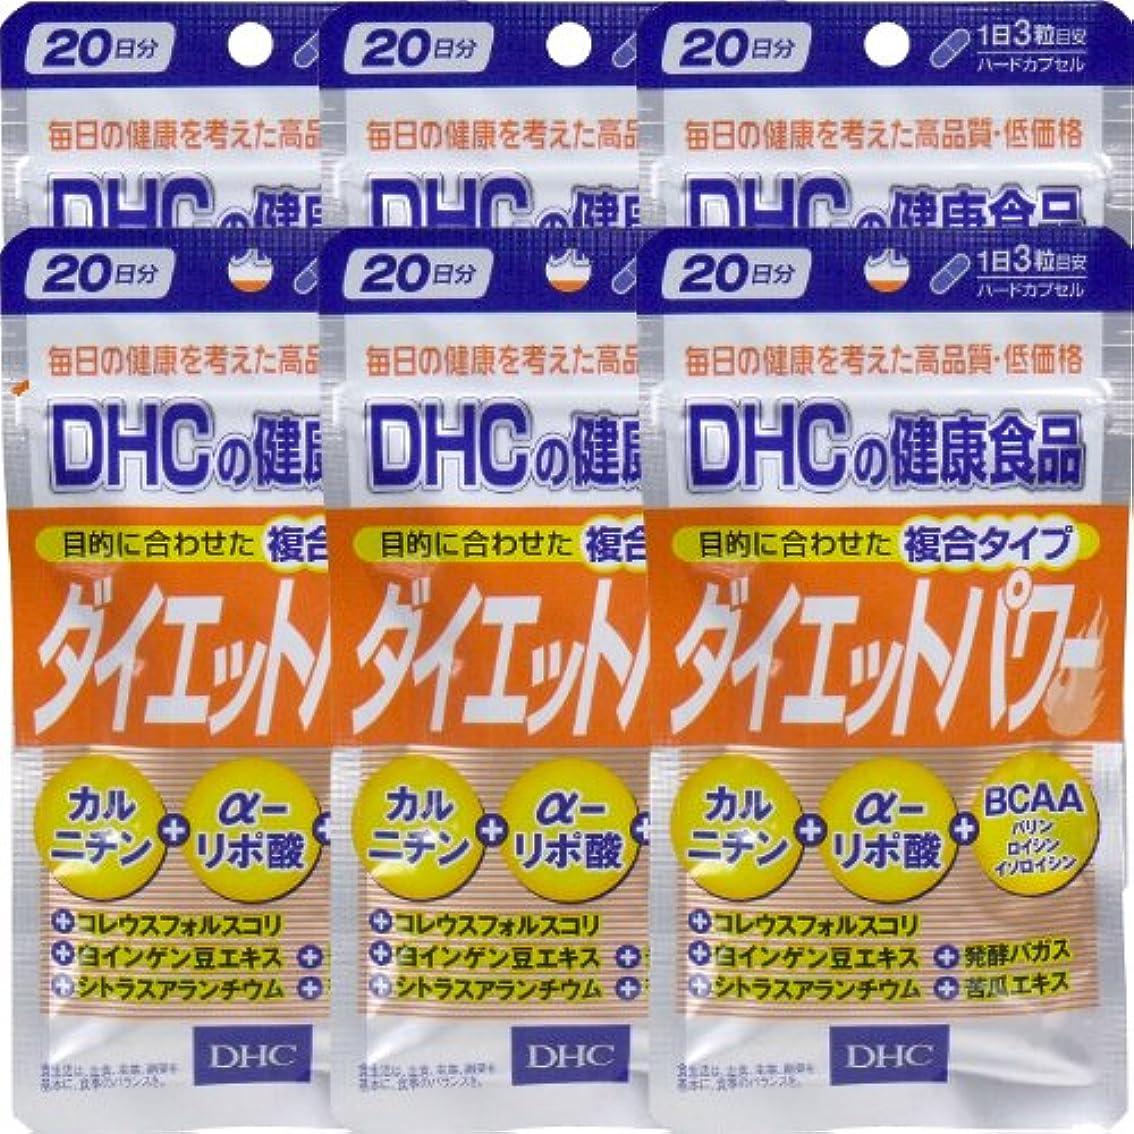 踏み台マトリックス洗練DHC ダイエットパワー 20日分(60粒) ×6個